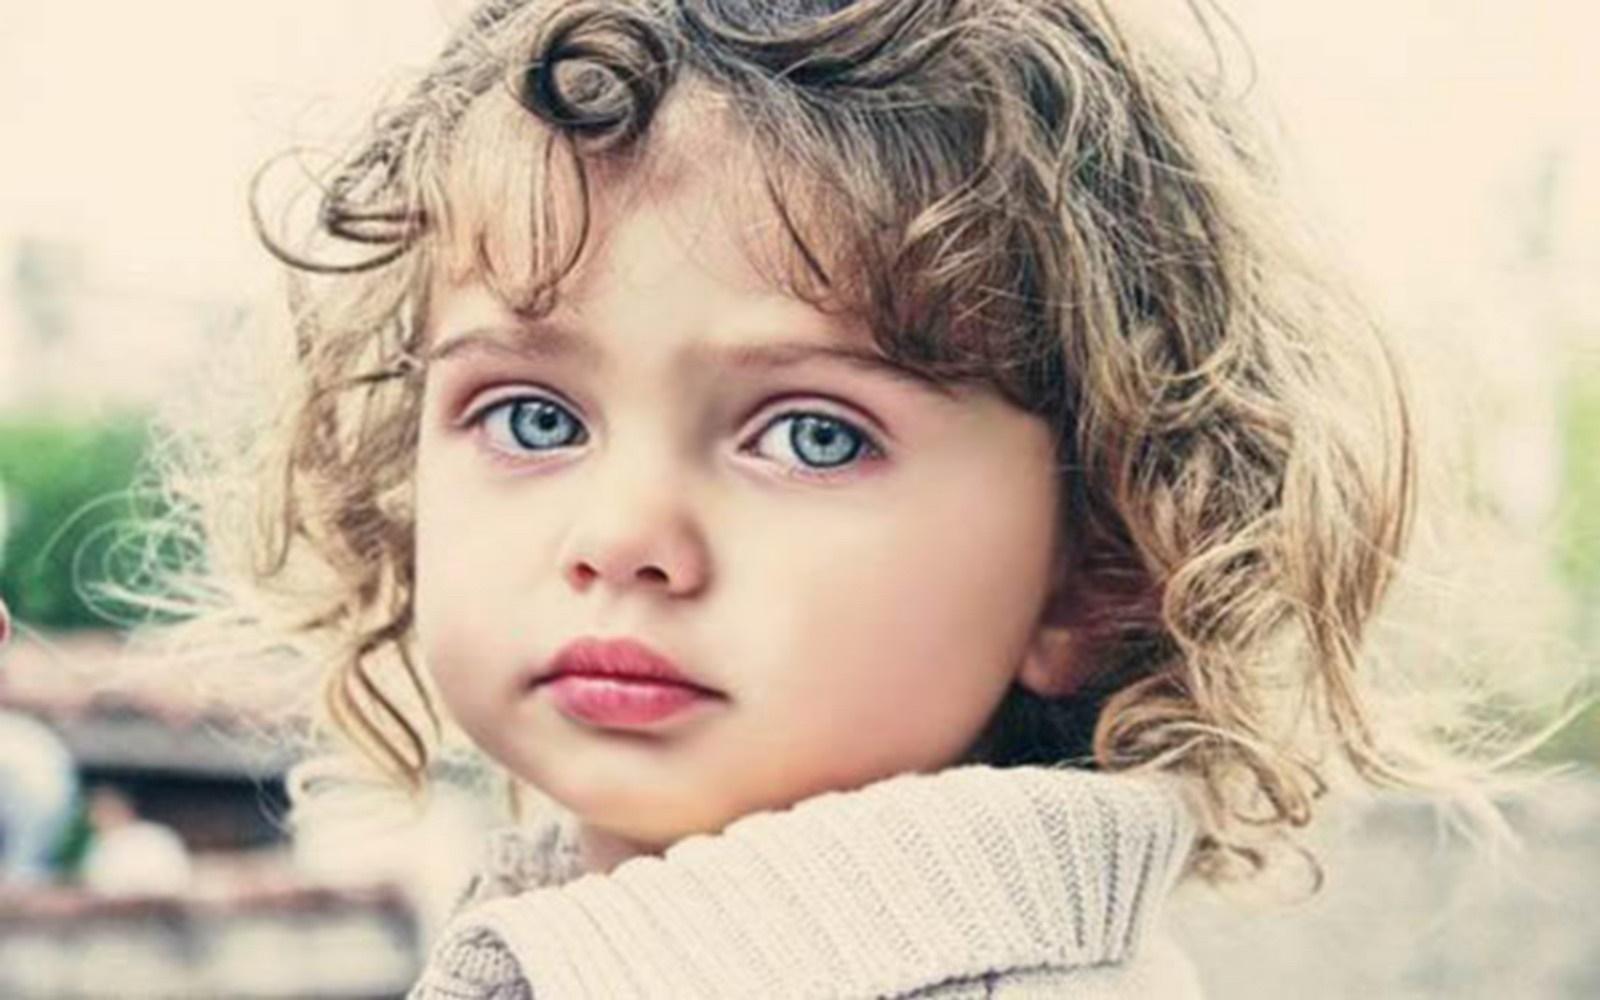 بالصور اجمل بنات العالم , صورة بنوتة كيوت وجميلة 3844 5